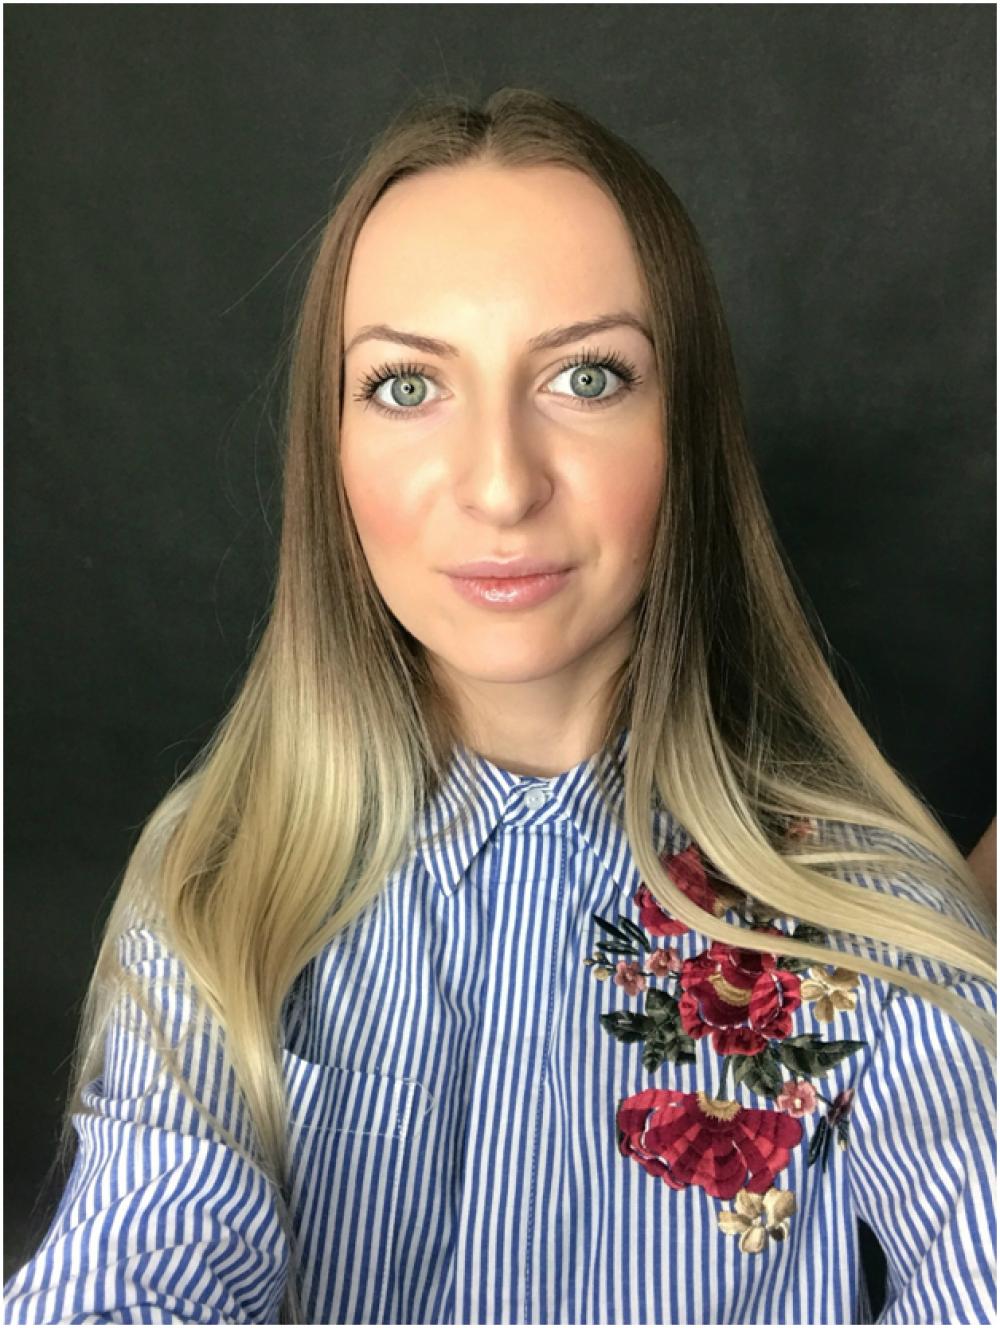 Попова Анастасия Дмитриевна, 1993 г.р., менеджер автоматизации розничной торговли в «Первый БИТ», хобби – просмотр сериалов и кино.